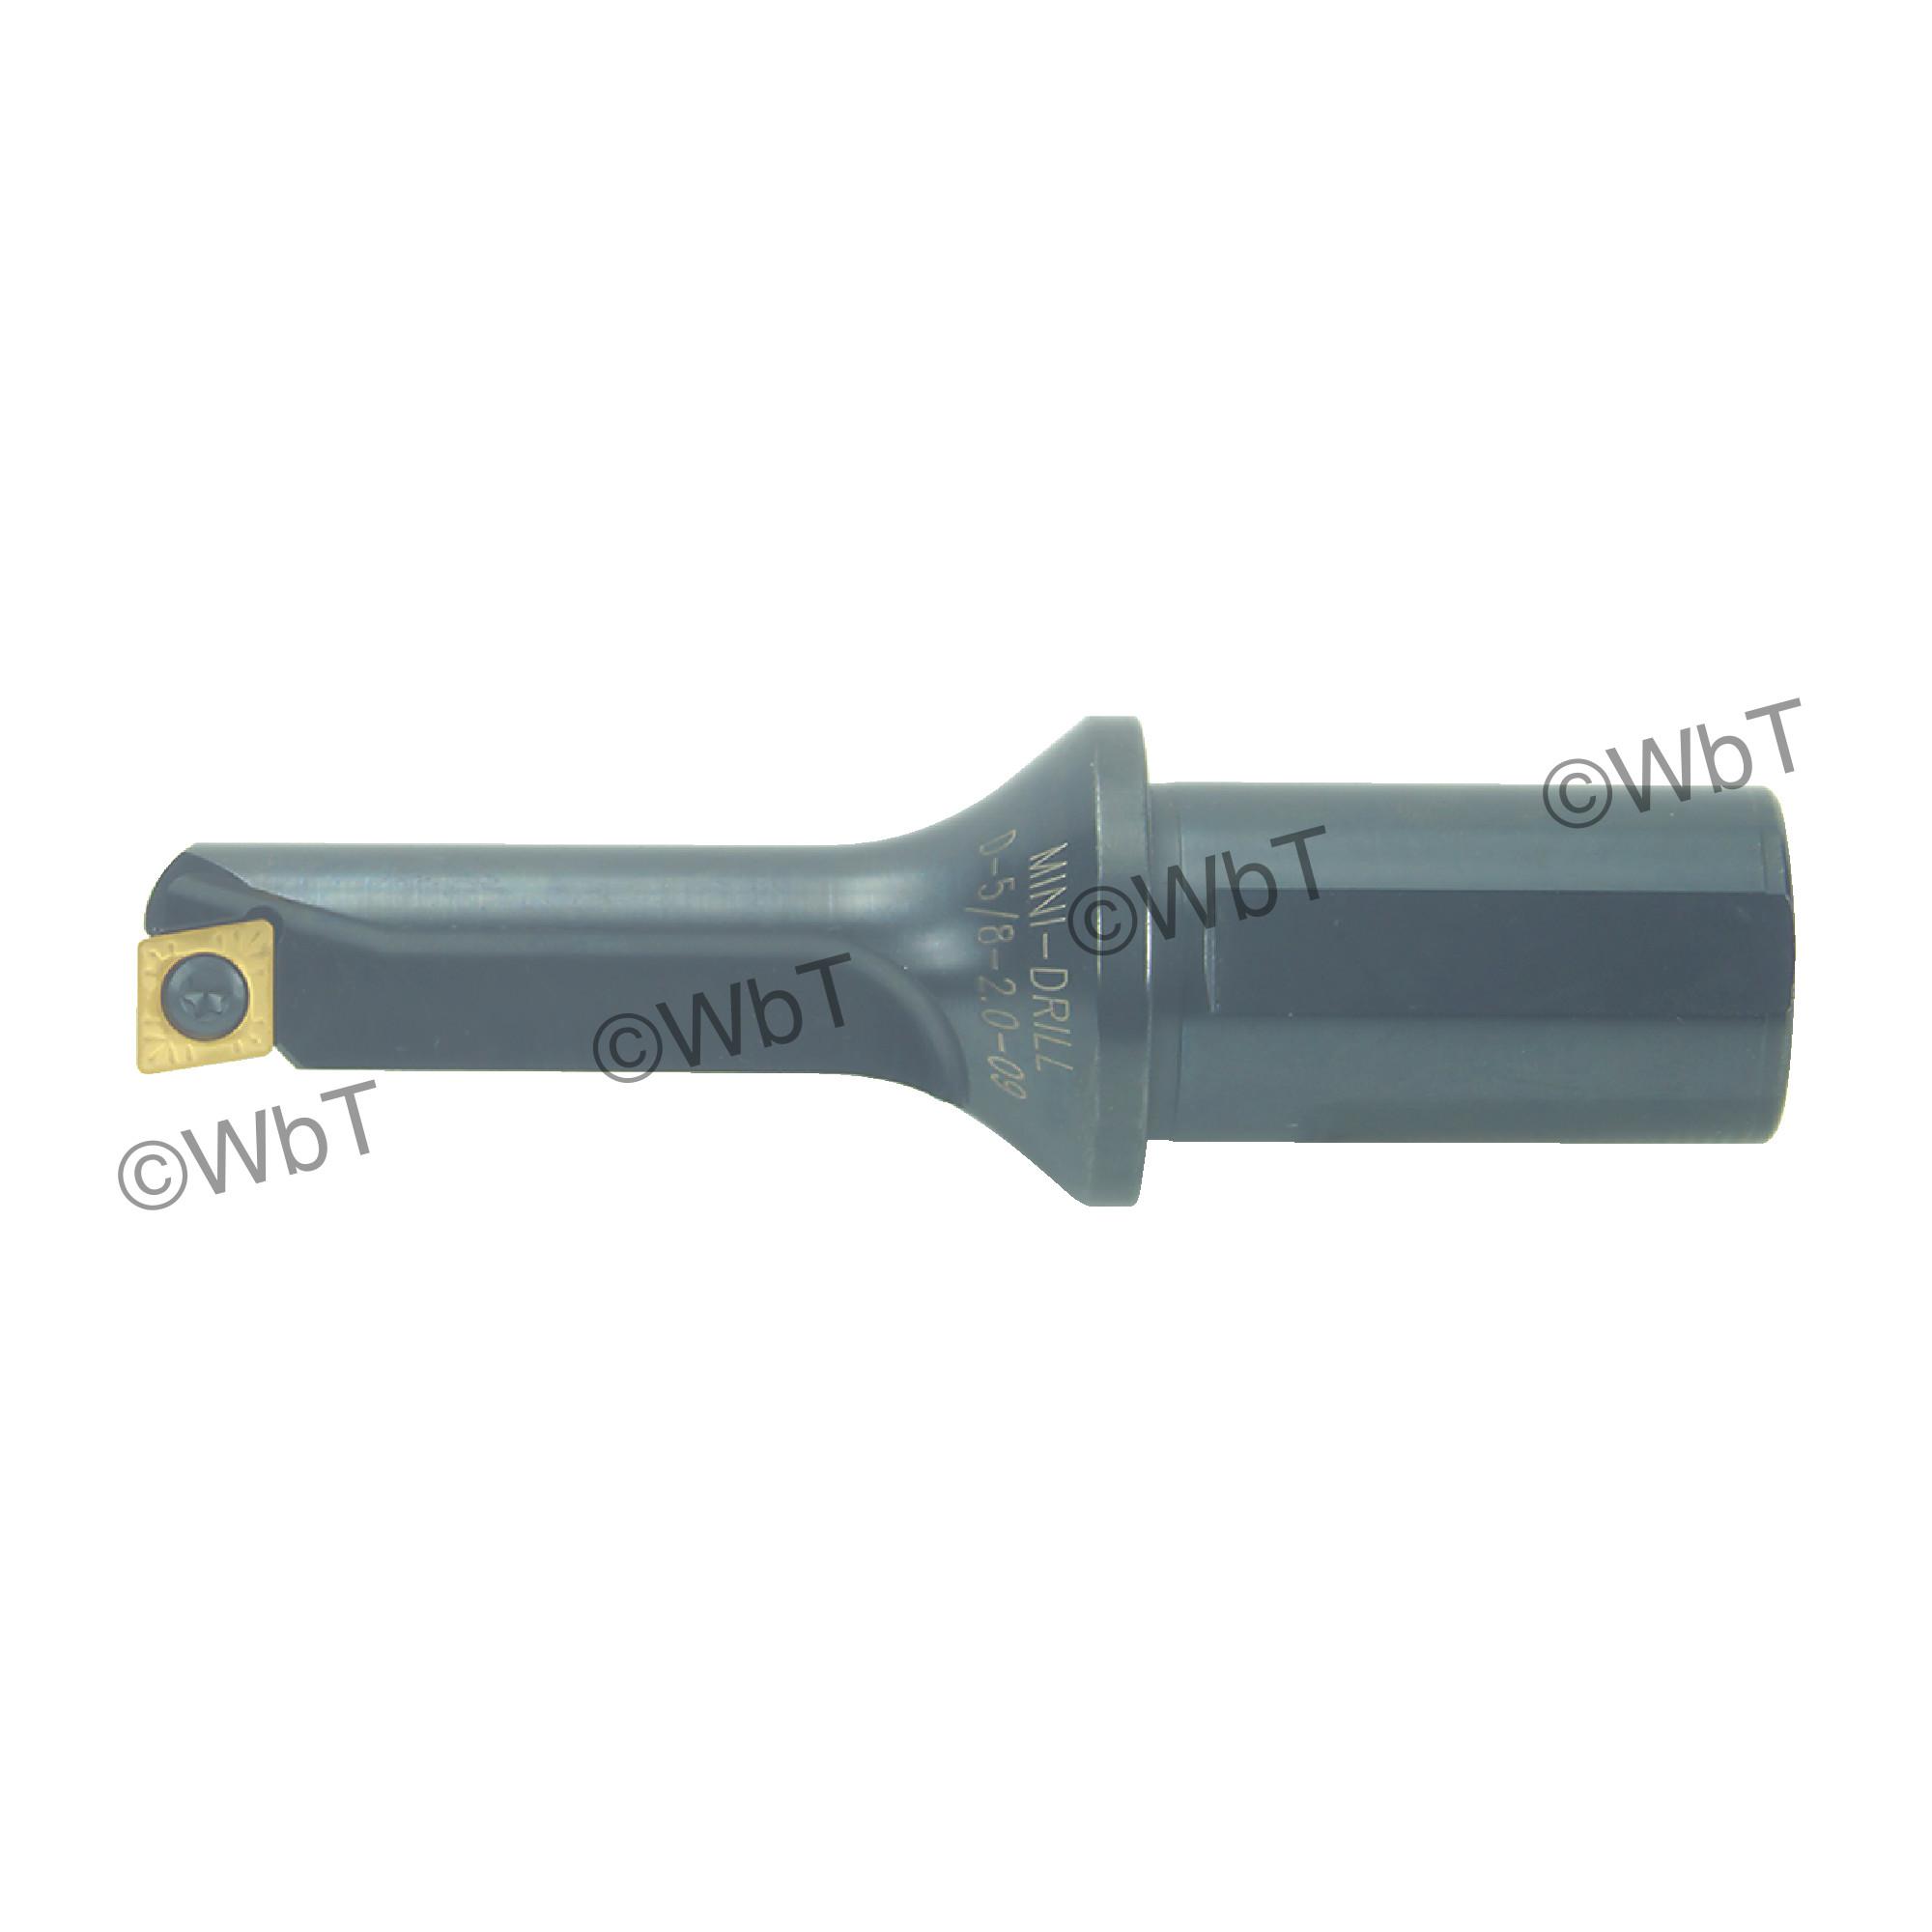 """T&O - D-5/8-2.0-09 - Multi Tool / 0.625"""" Drill Diameter / 2.000"""" Depth of Cut / Drill, Bore, Turn, & Facing Tool Holder"""